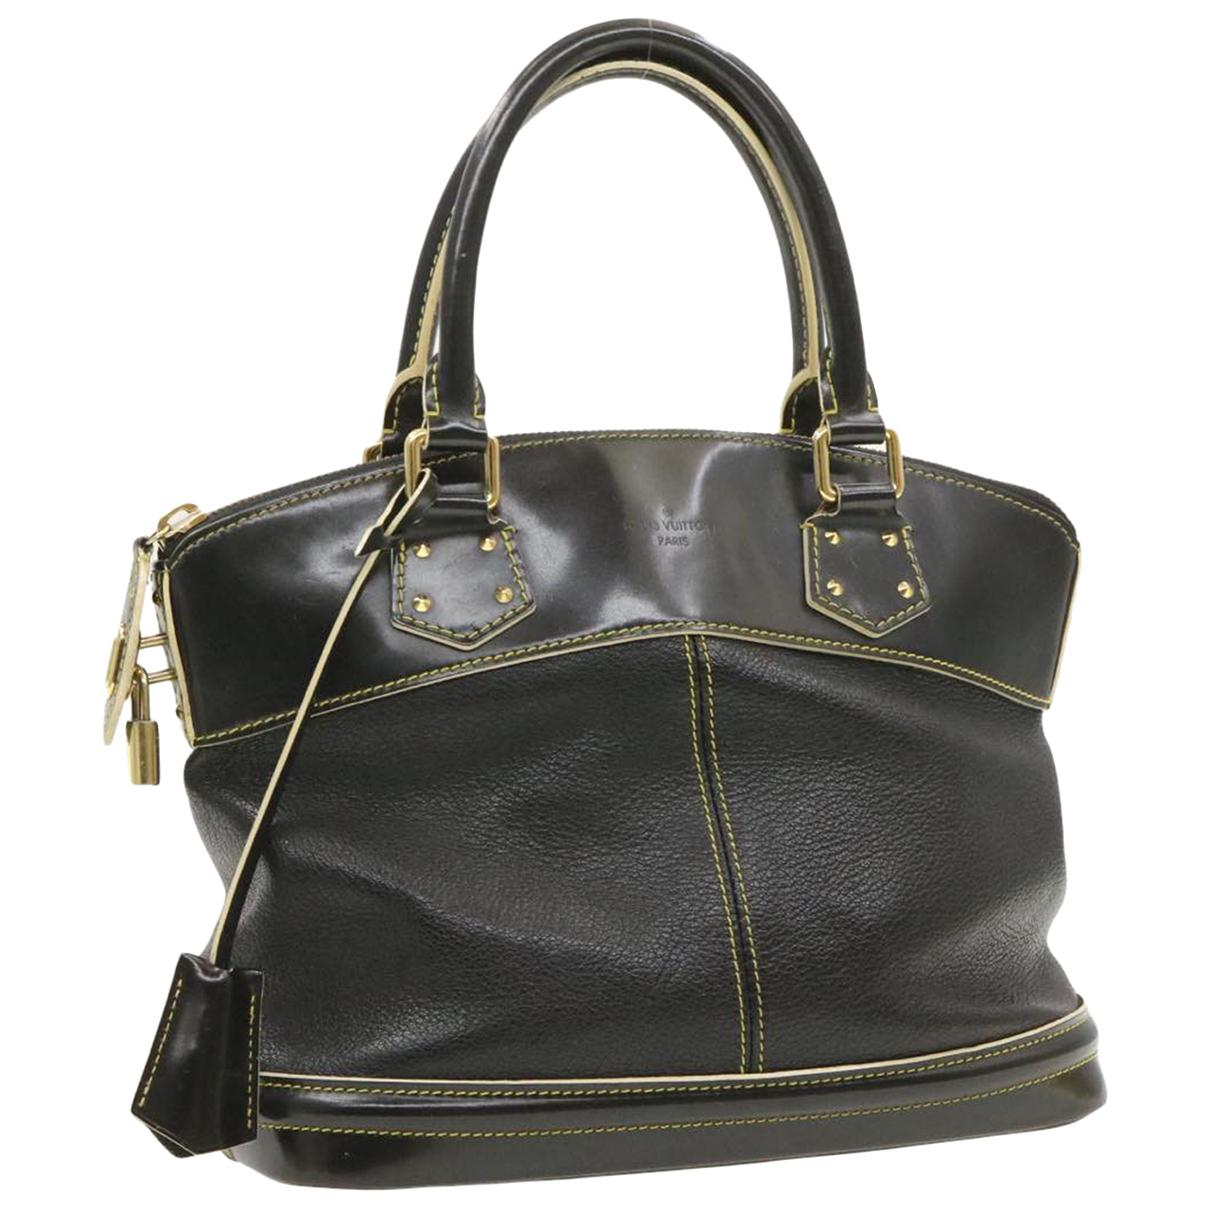 Louis Vuitton - Sac a main Lockit pour femme en cuir - noir